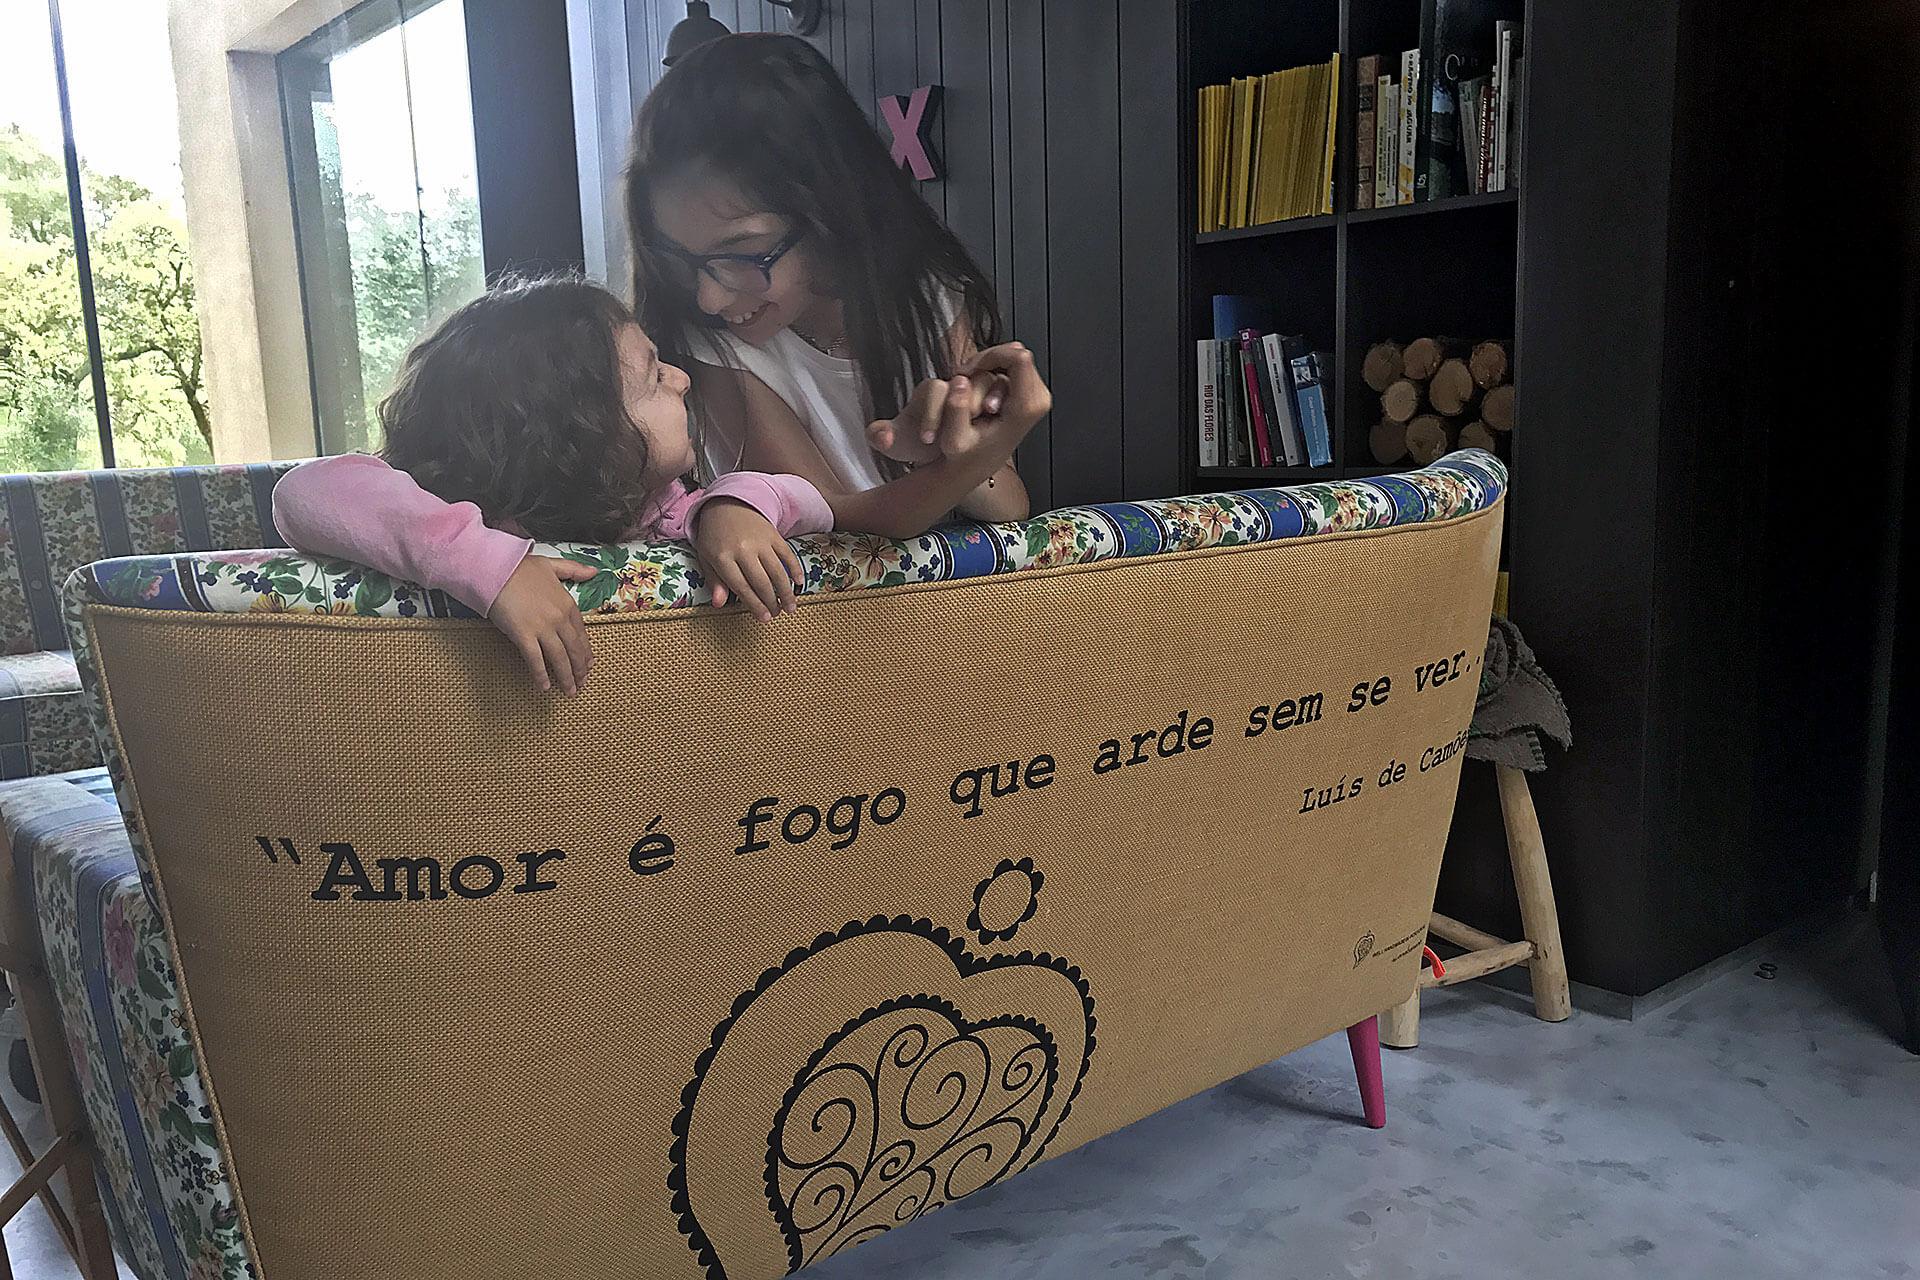 Crianças a brincar num sofá de uma sala, são crianças que inspiram a transformar a tua vida.